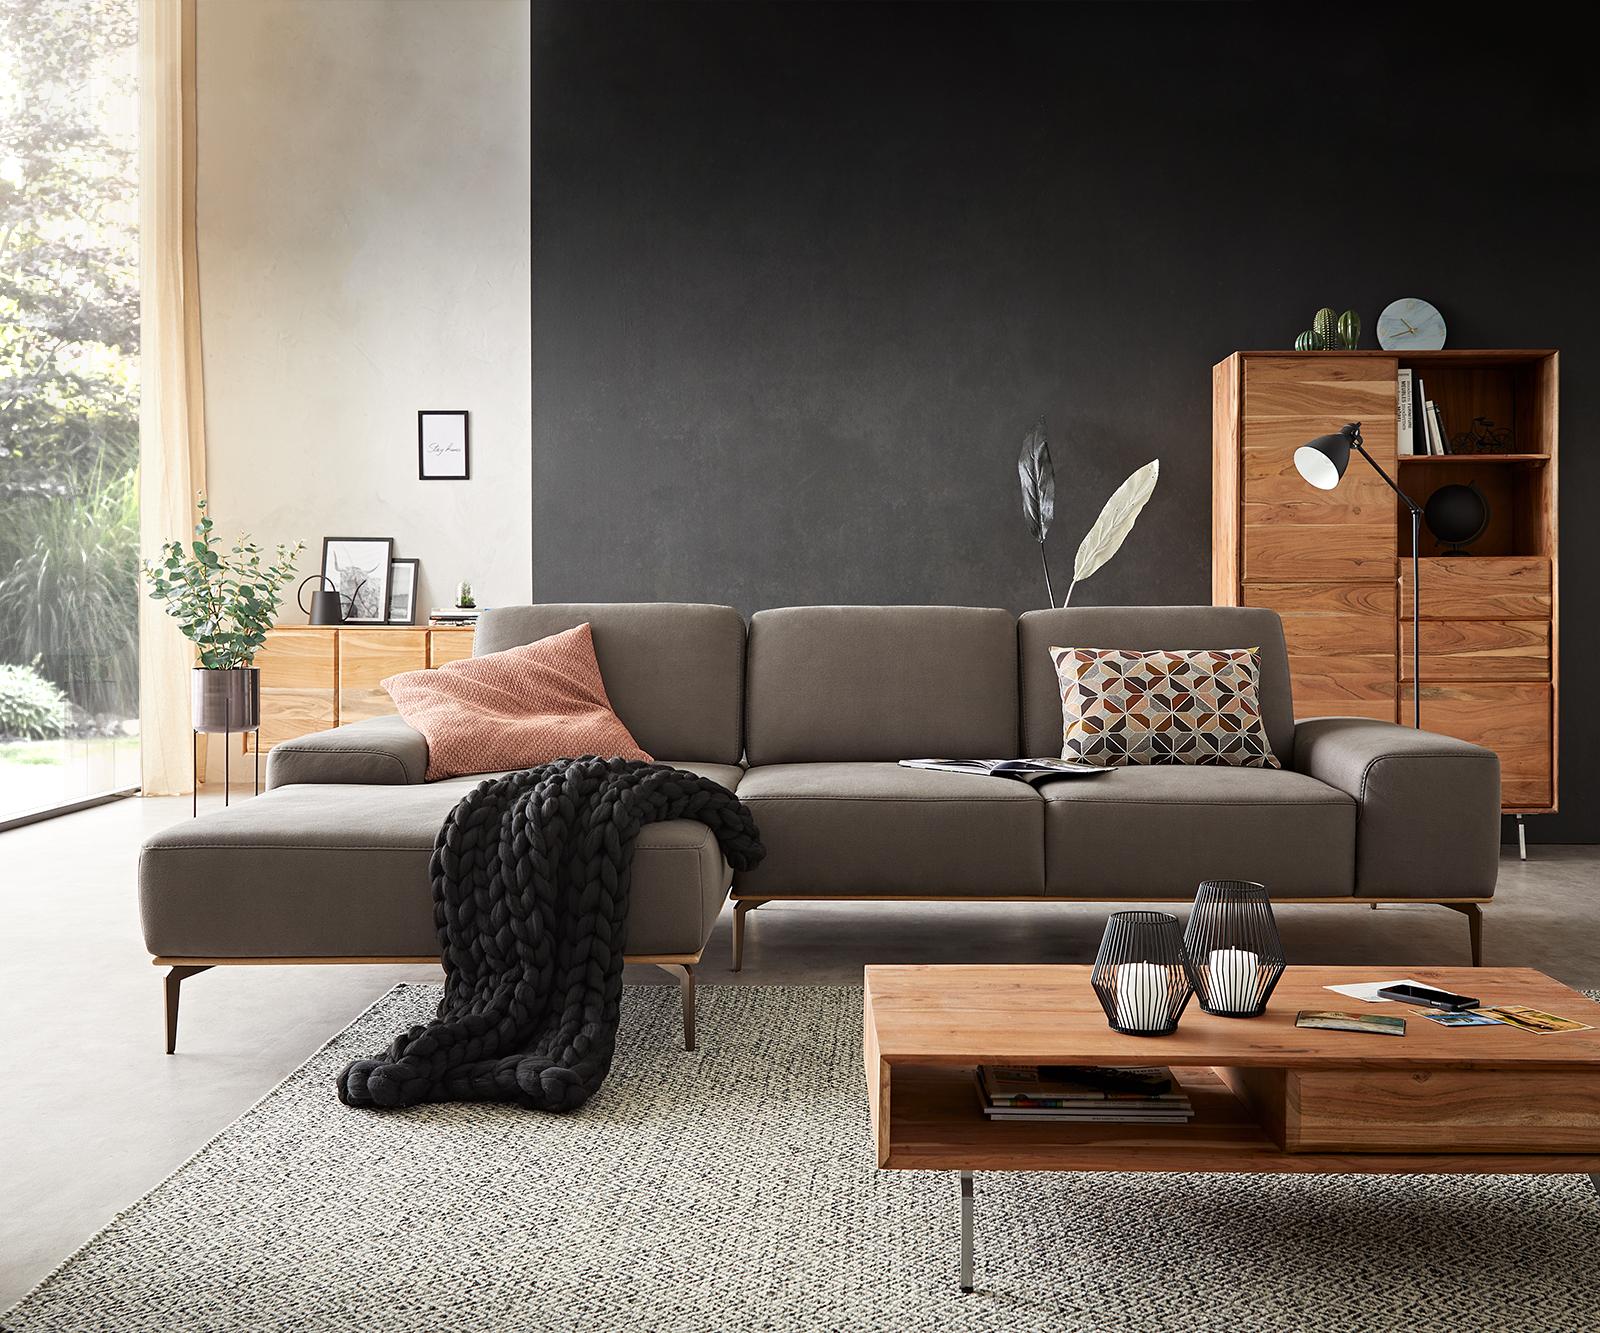 Ecksofa Run 300x180 cm Steingrau Longchair links Sitztiefenverstellung by W. Schillig